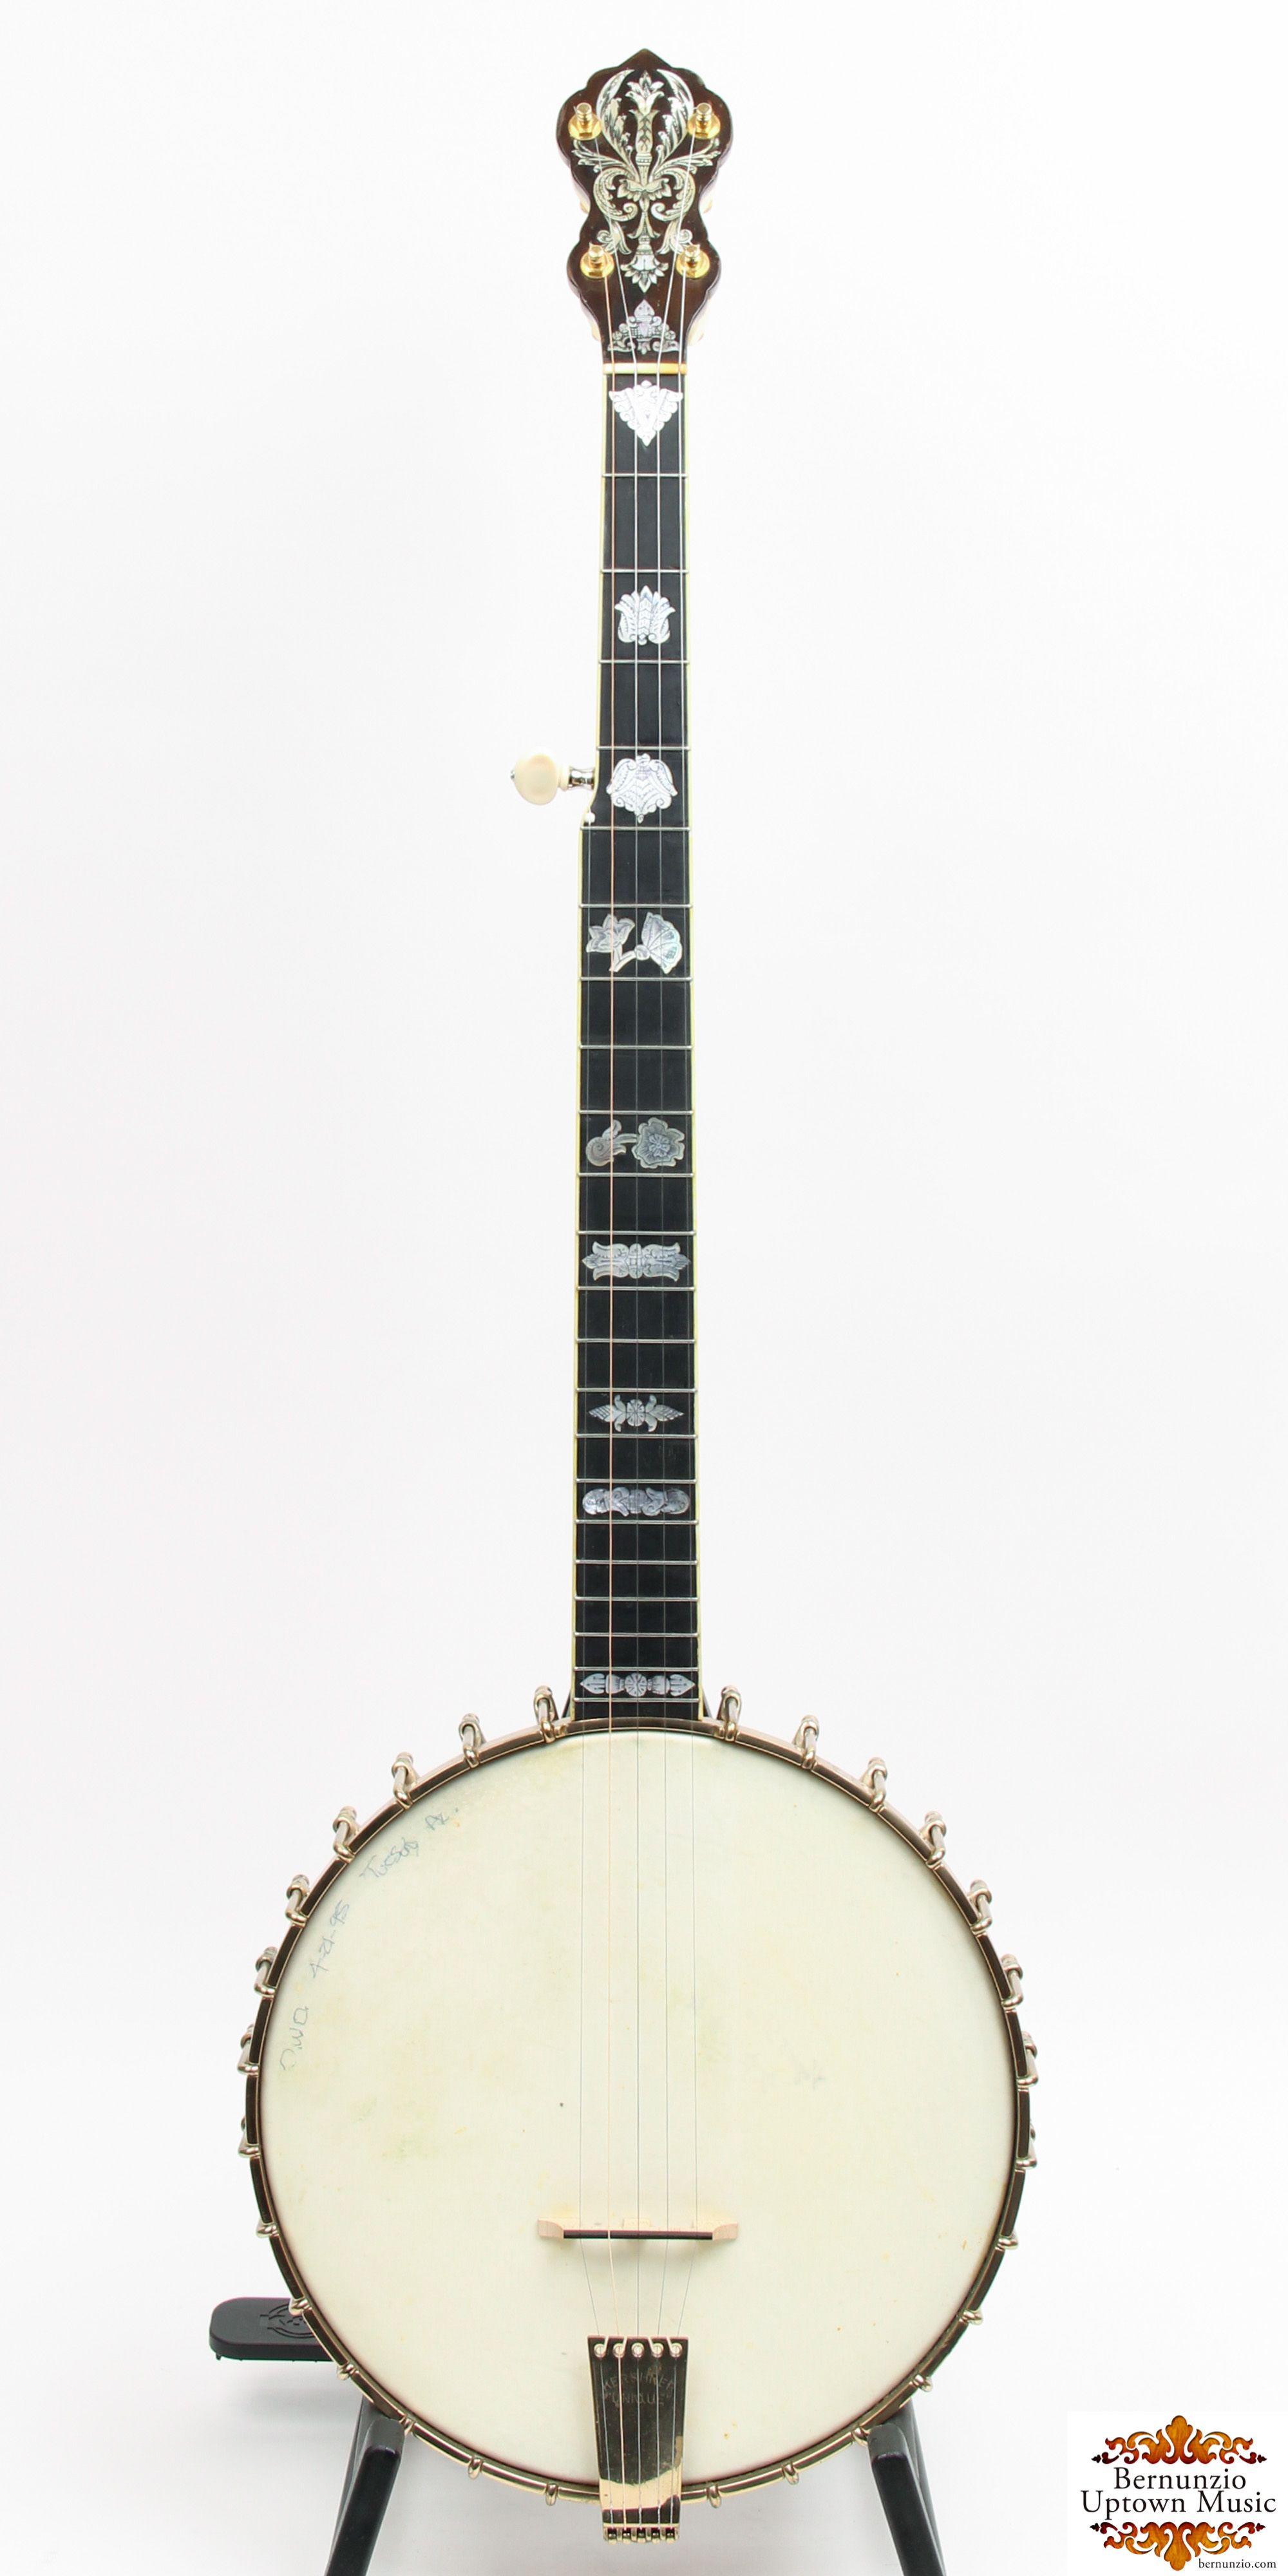 vega banjo restoration